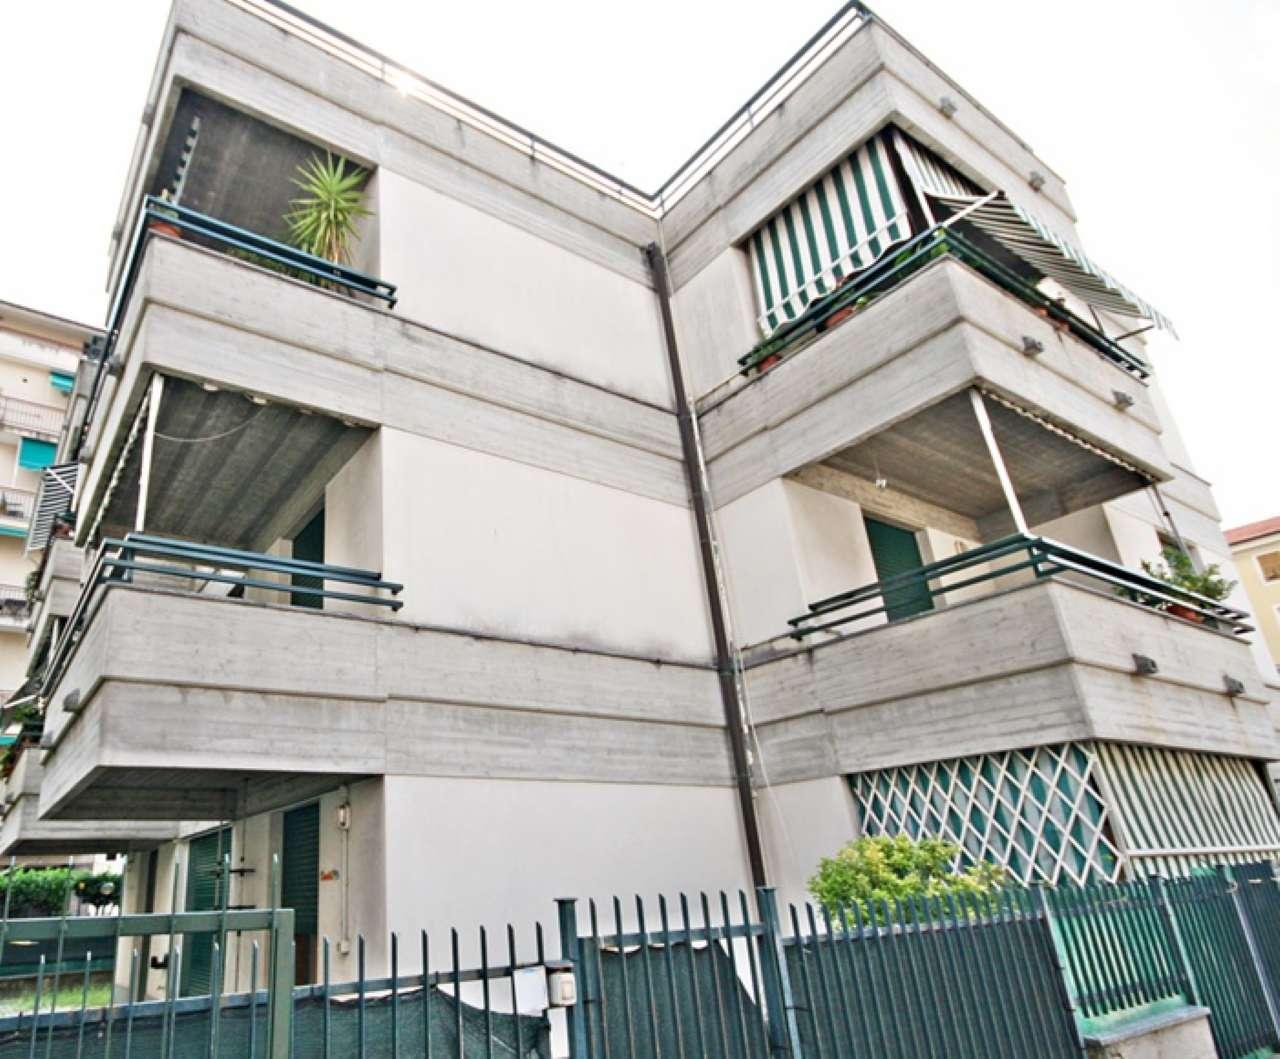 Appartamento in vendita a Chiavari, 4 locali, prezzo € 215.000 | CambioCasa.it